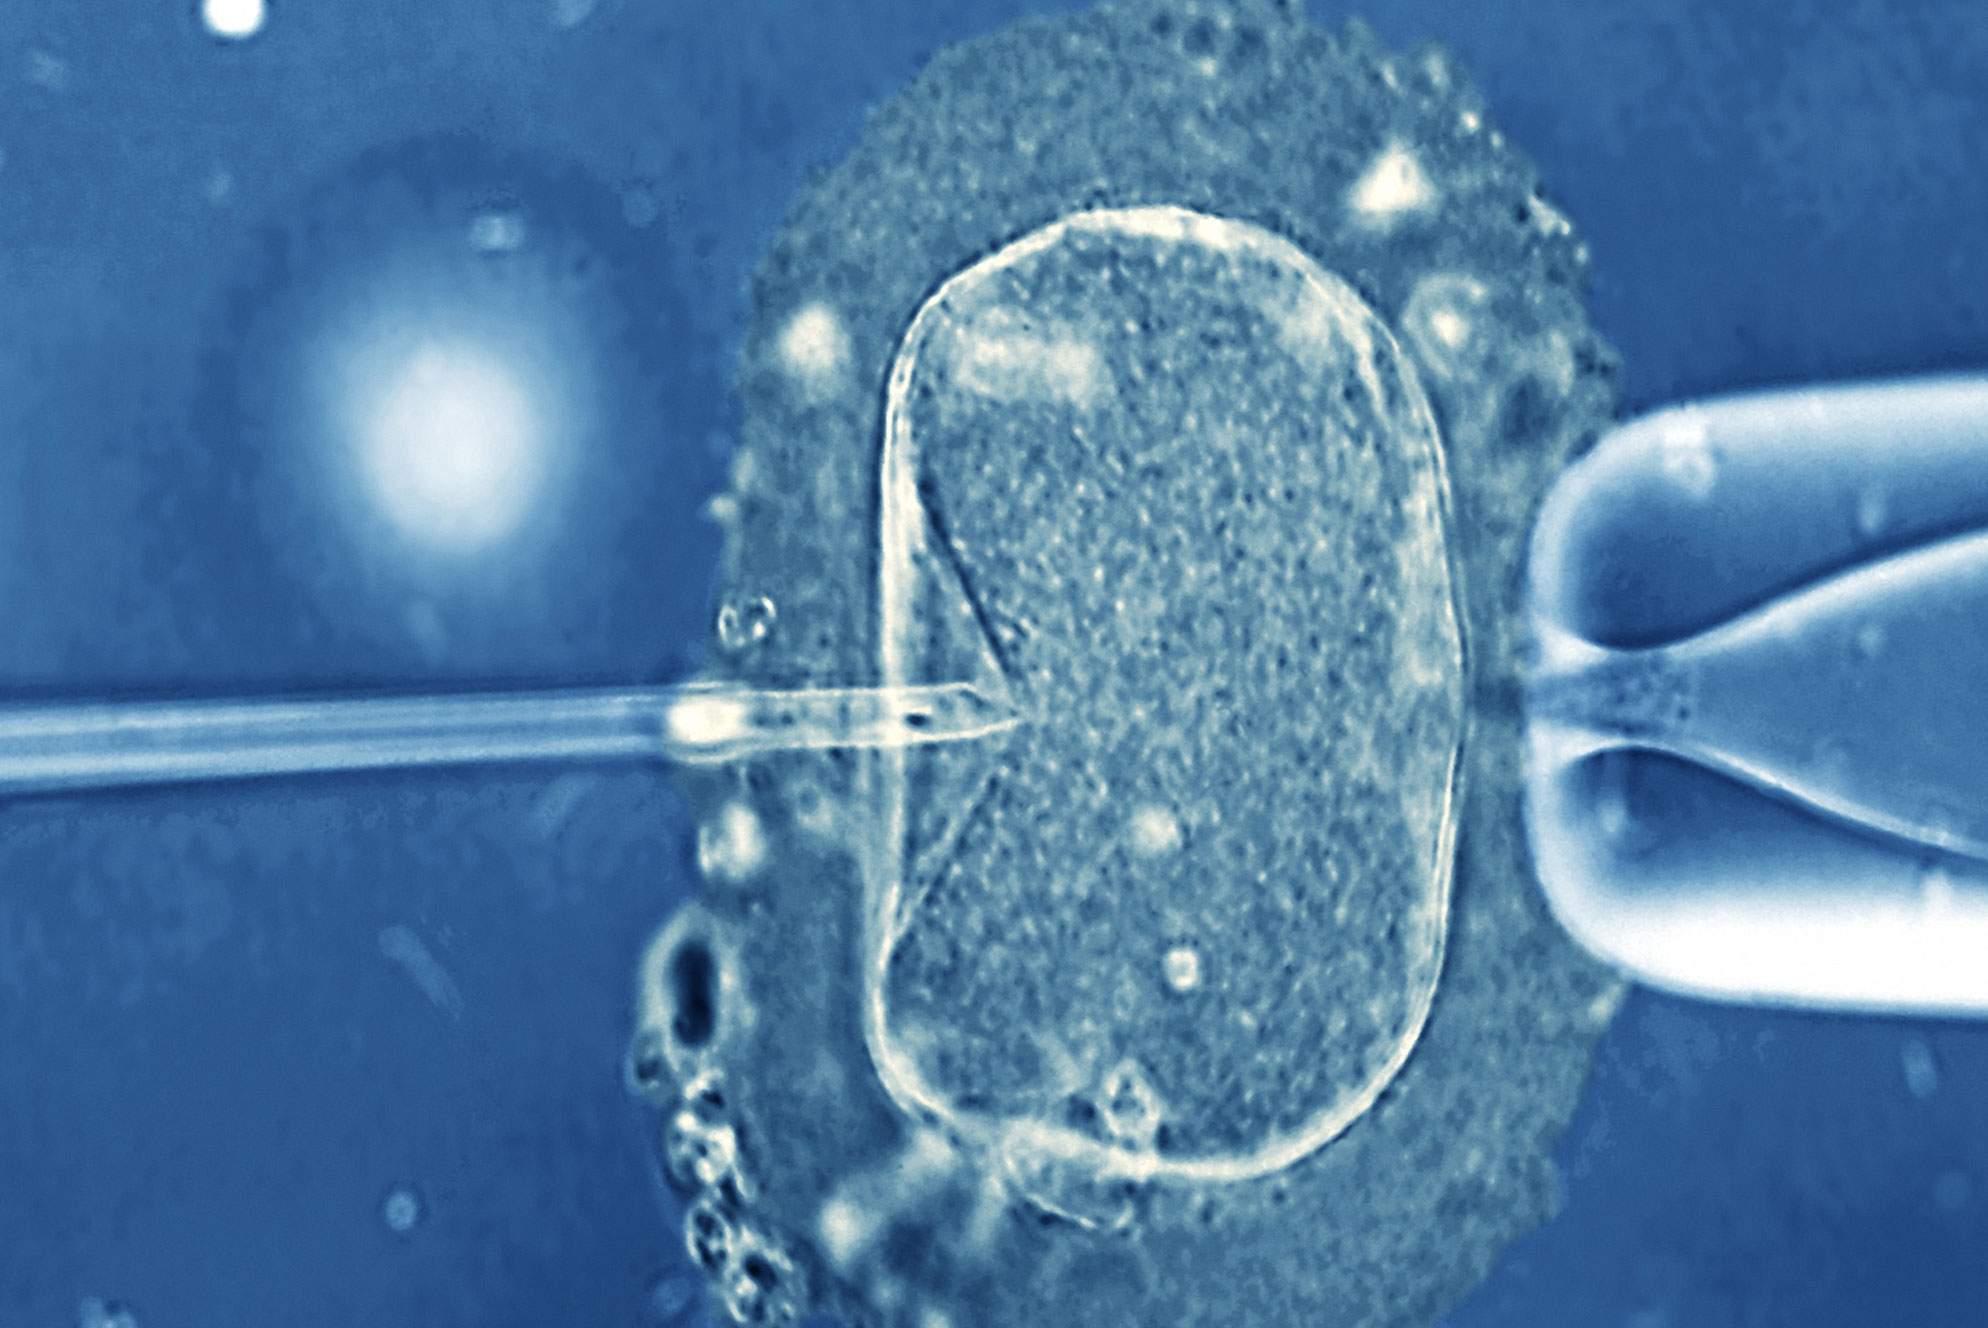 Γέννηση μωρού με πρωτοποριακή μέθοδο εξωσωματικής thumbnail